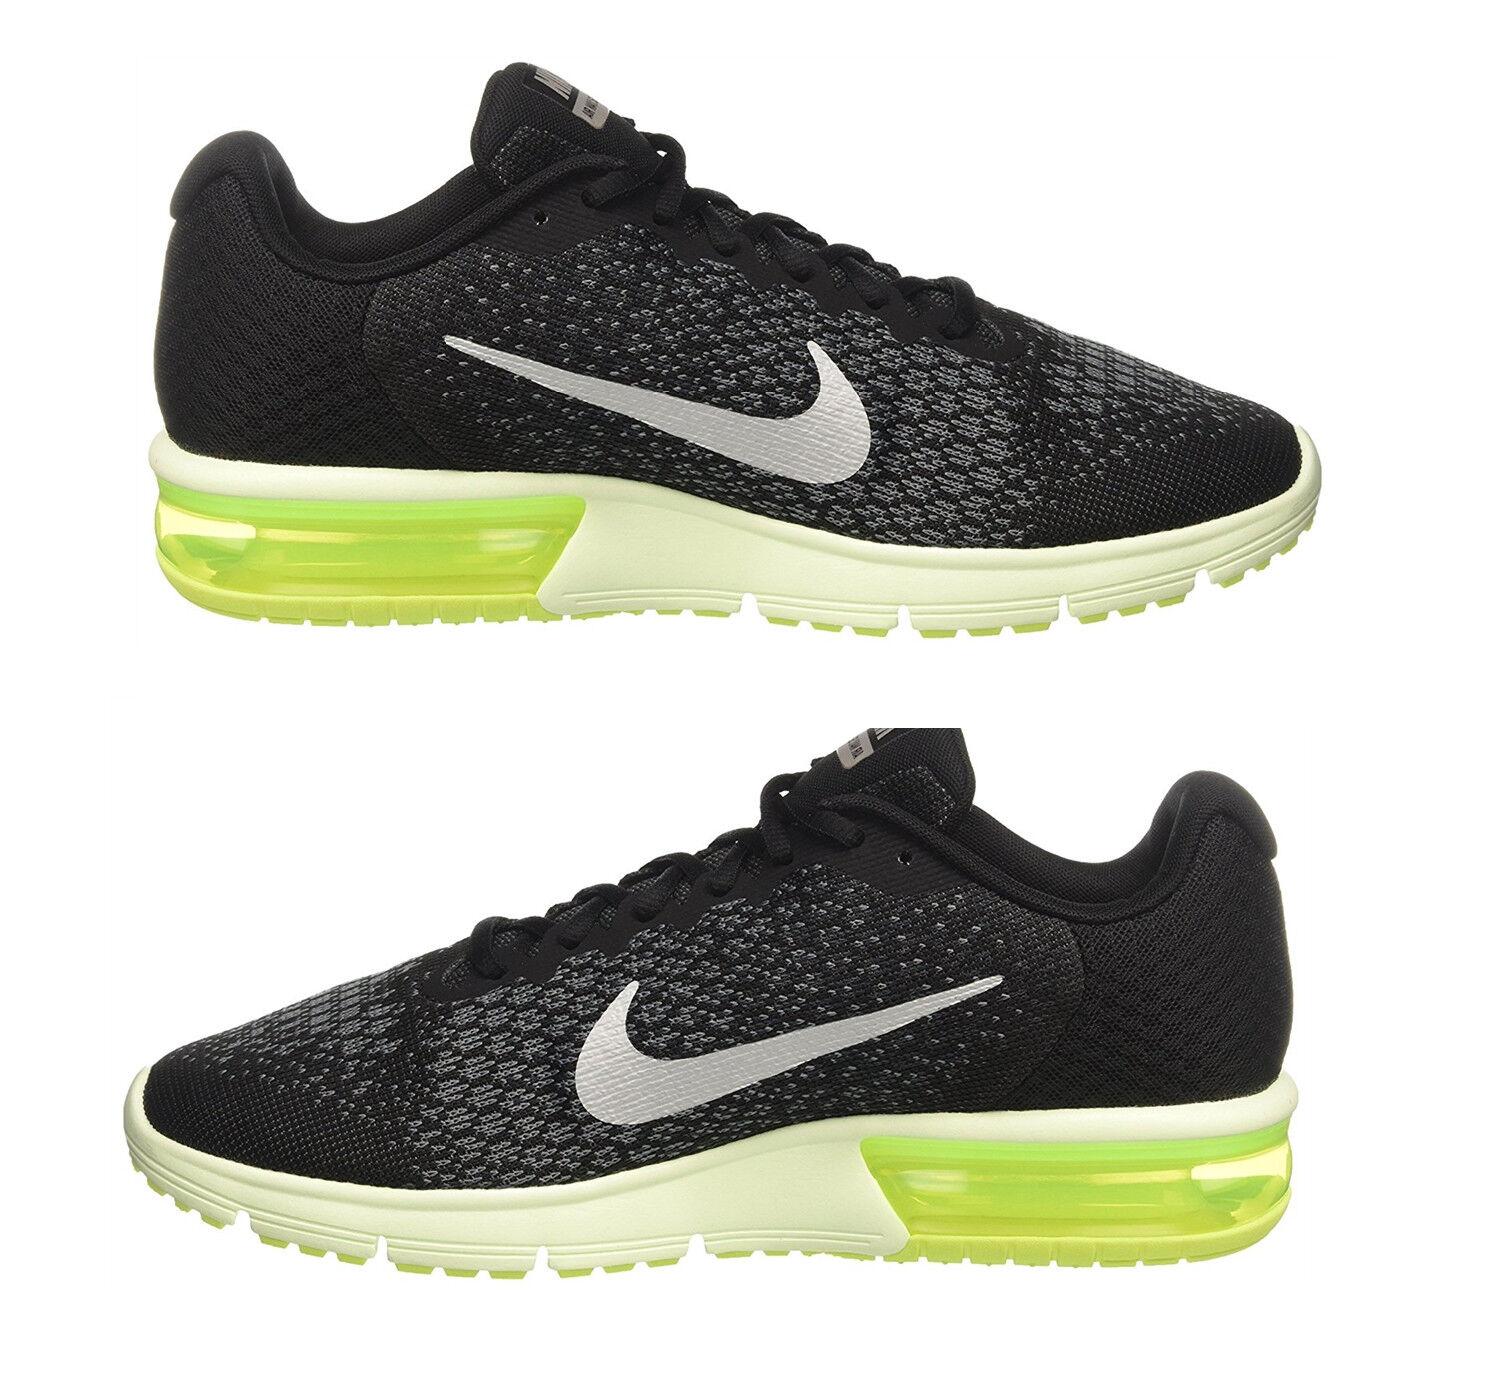 Auténtico NIKE Hombres Tenis MAX Sequent Negro 2 Correr/AIR Entrenamiento Calzado Negro Sequent NUEVO 3718e0